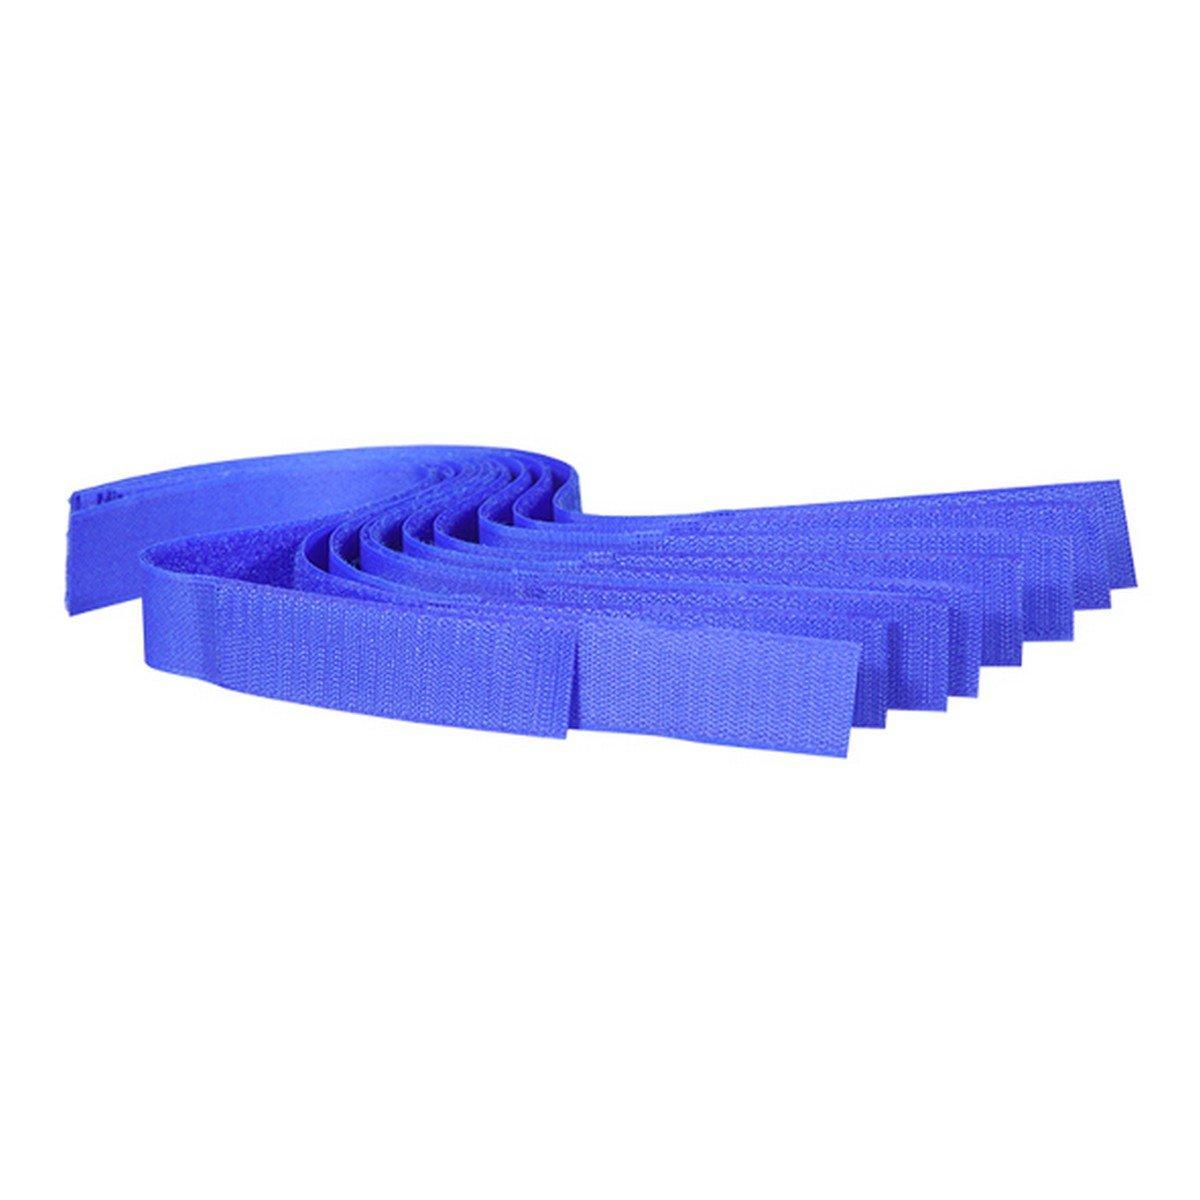 Afbeelding van a.s Koeherkenningsbandjes Velcro Blauw